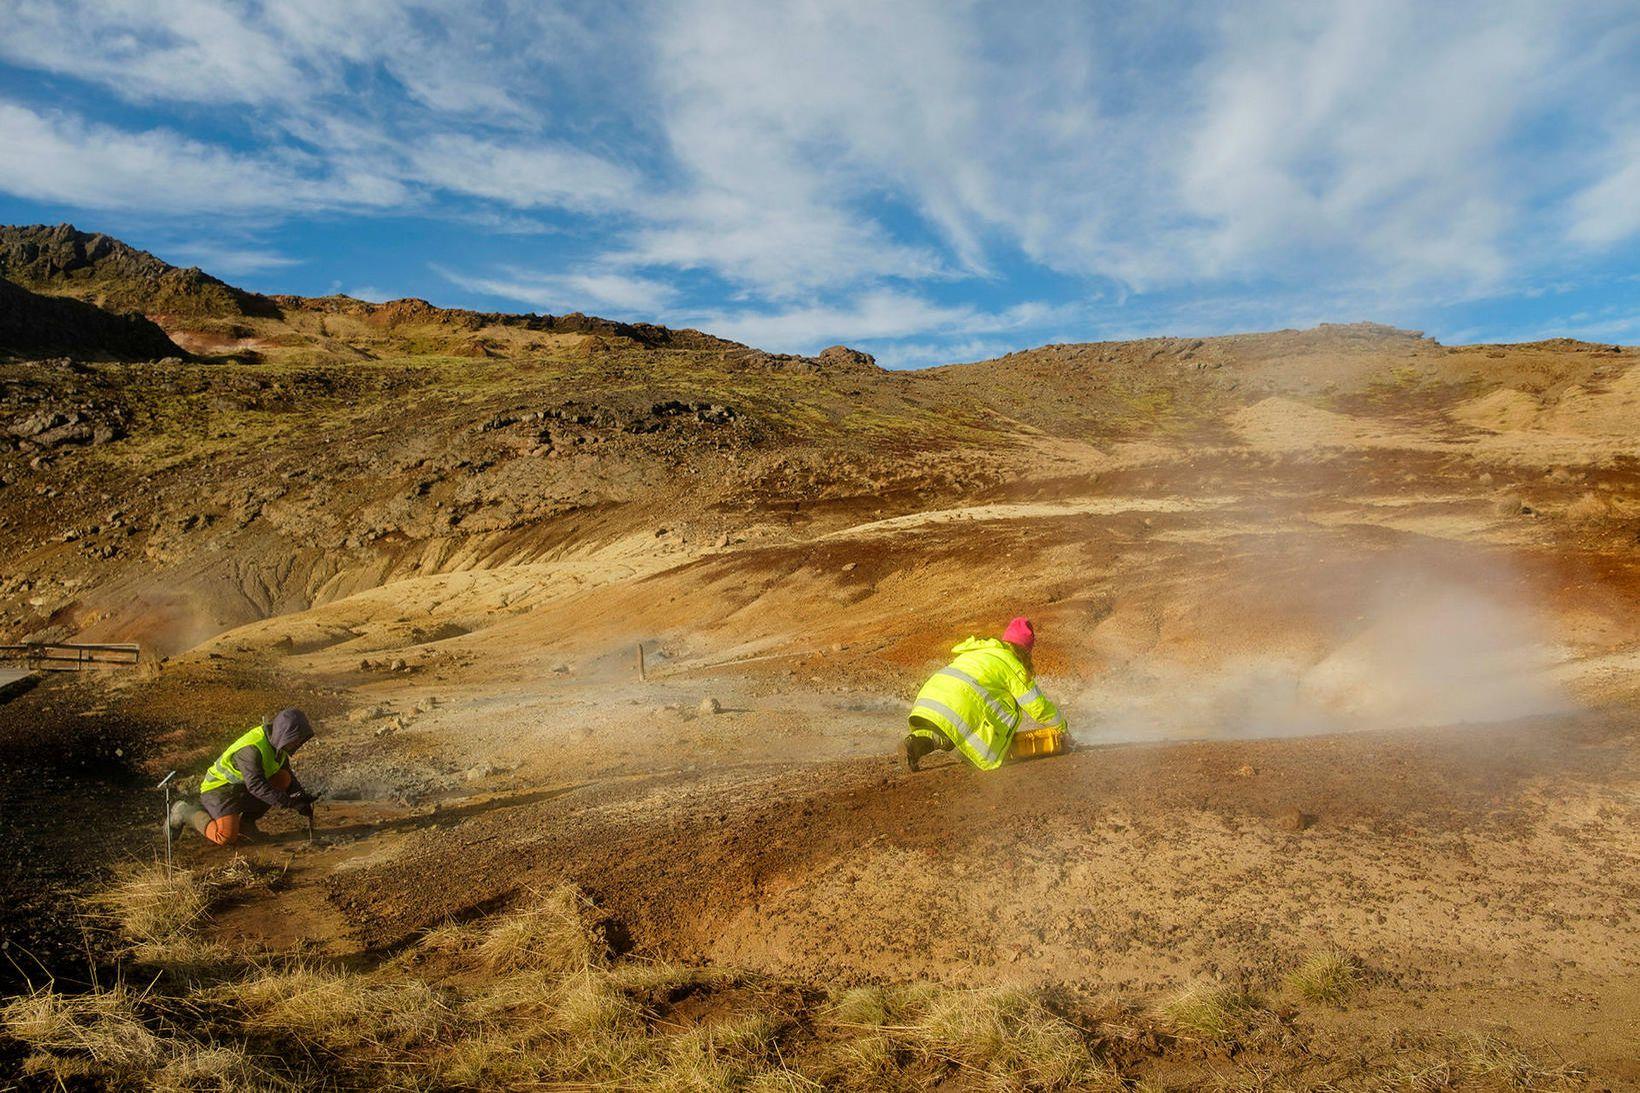 Jarðvísindamenn við mælingar á Reykjanesi.